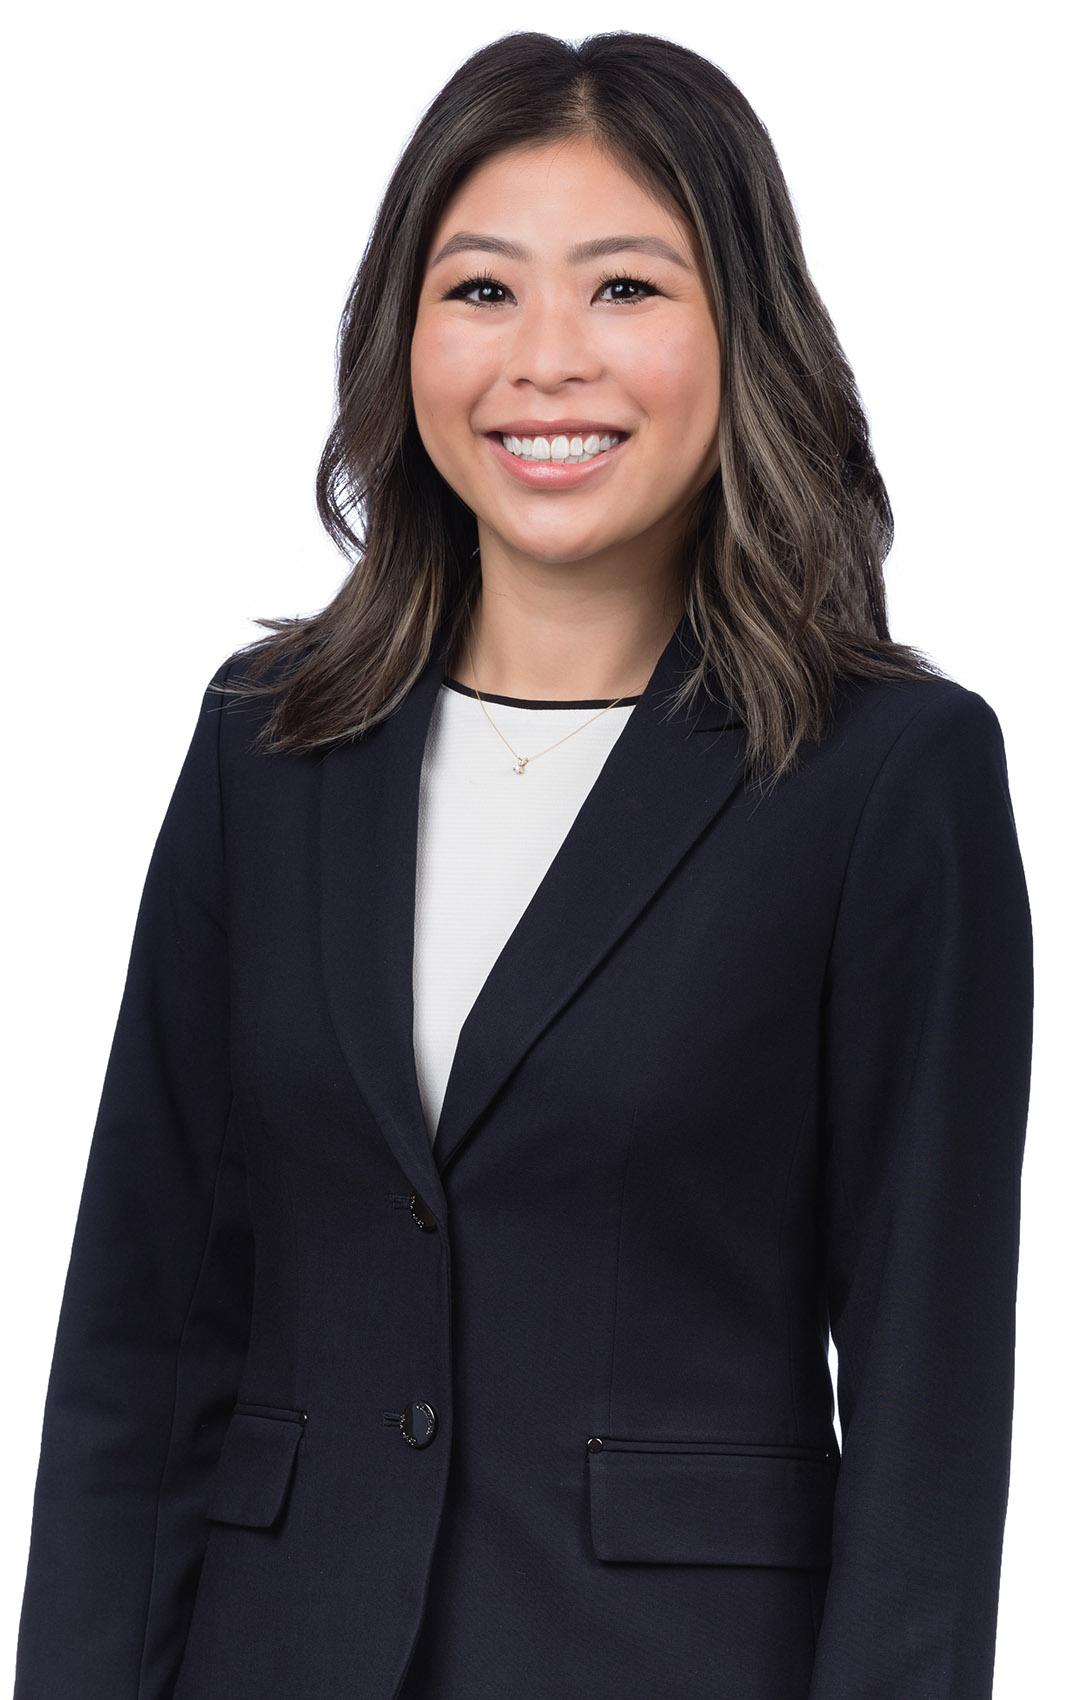 Nicole P. Phe